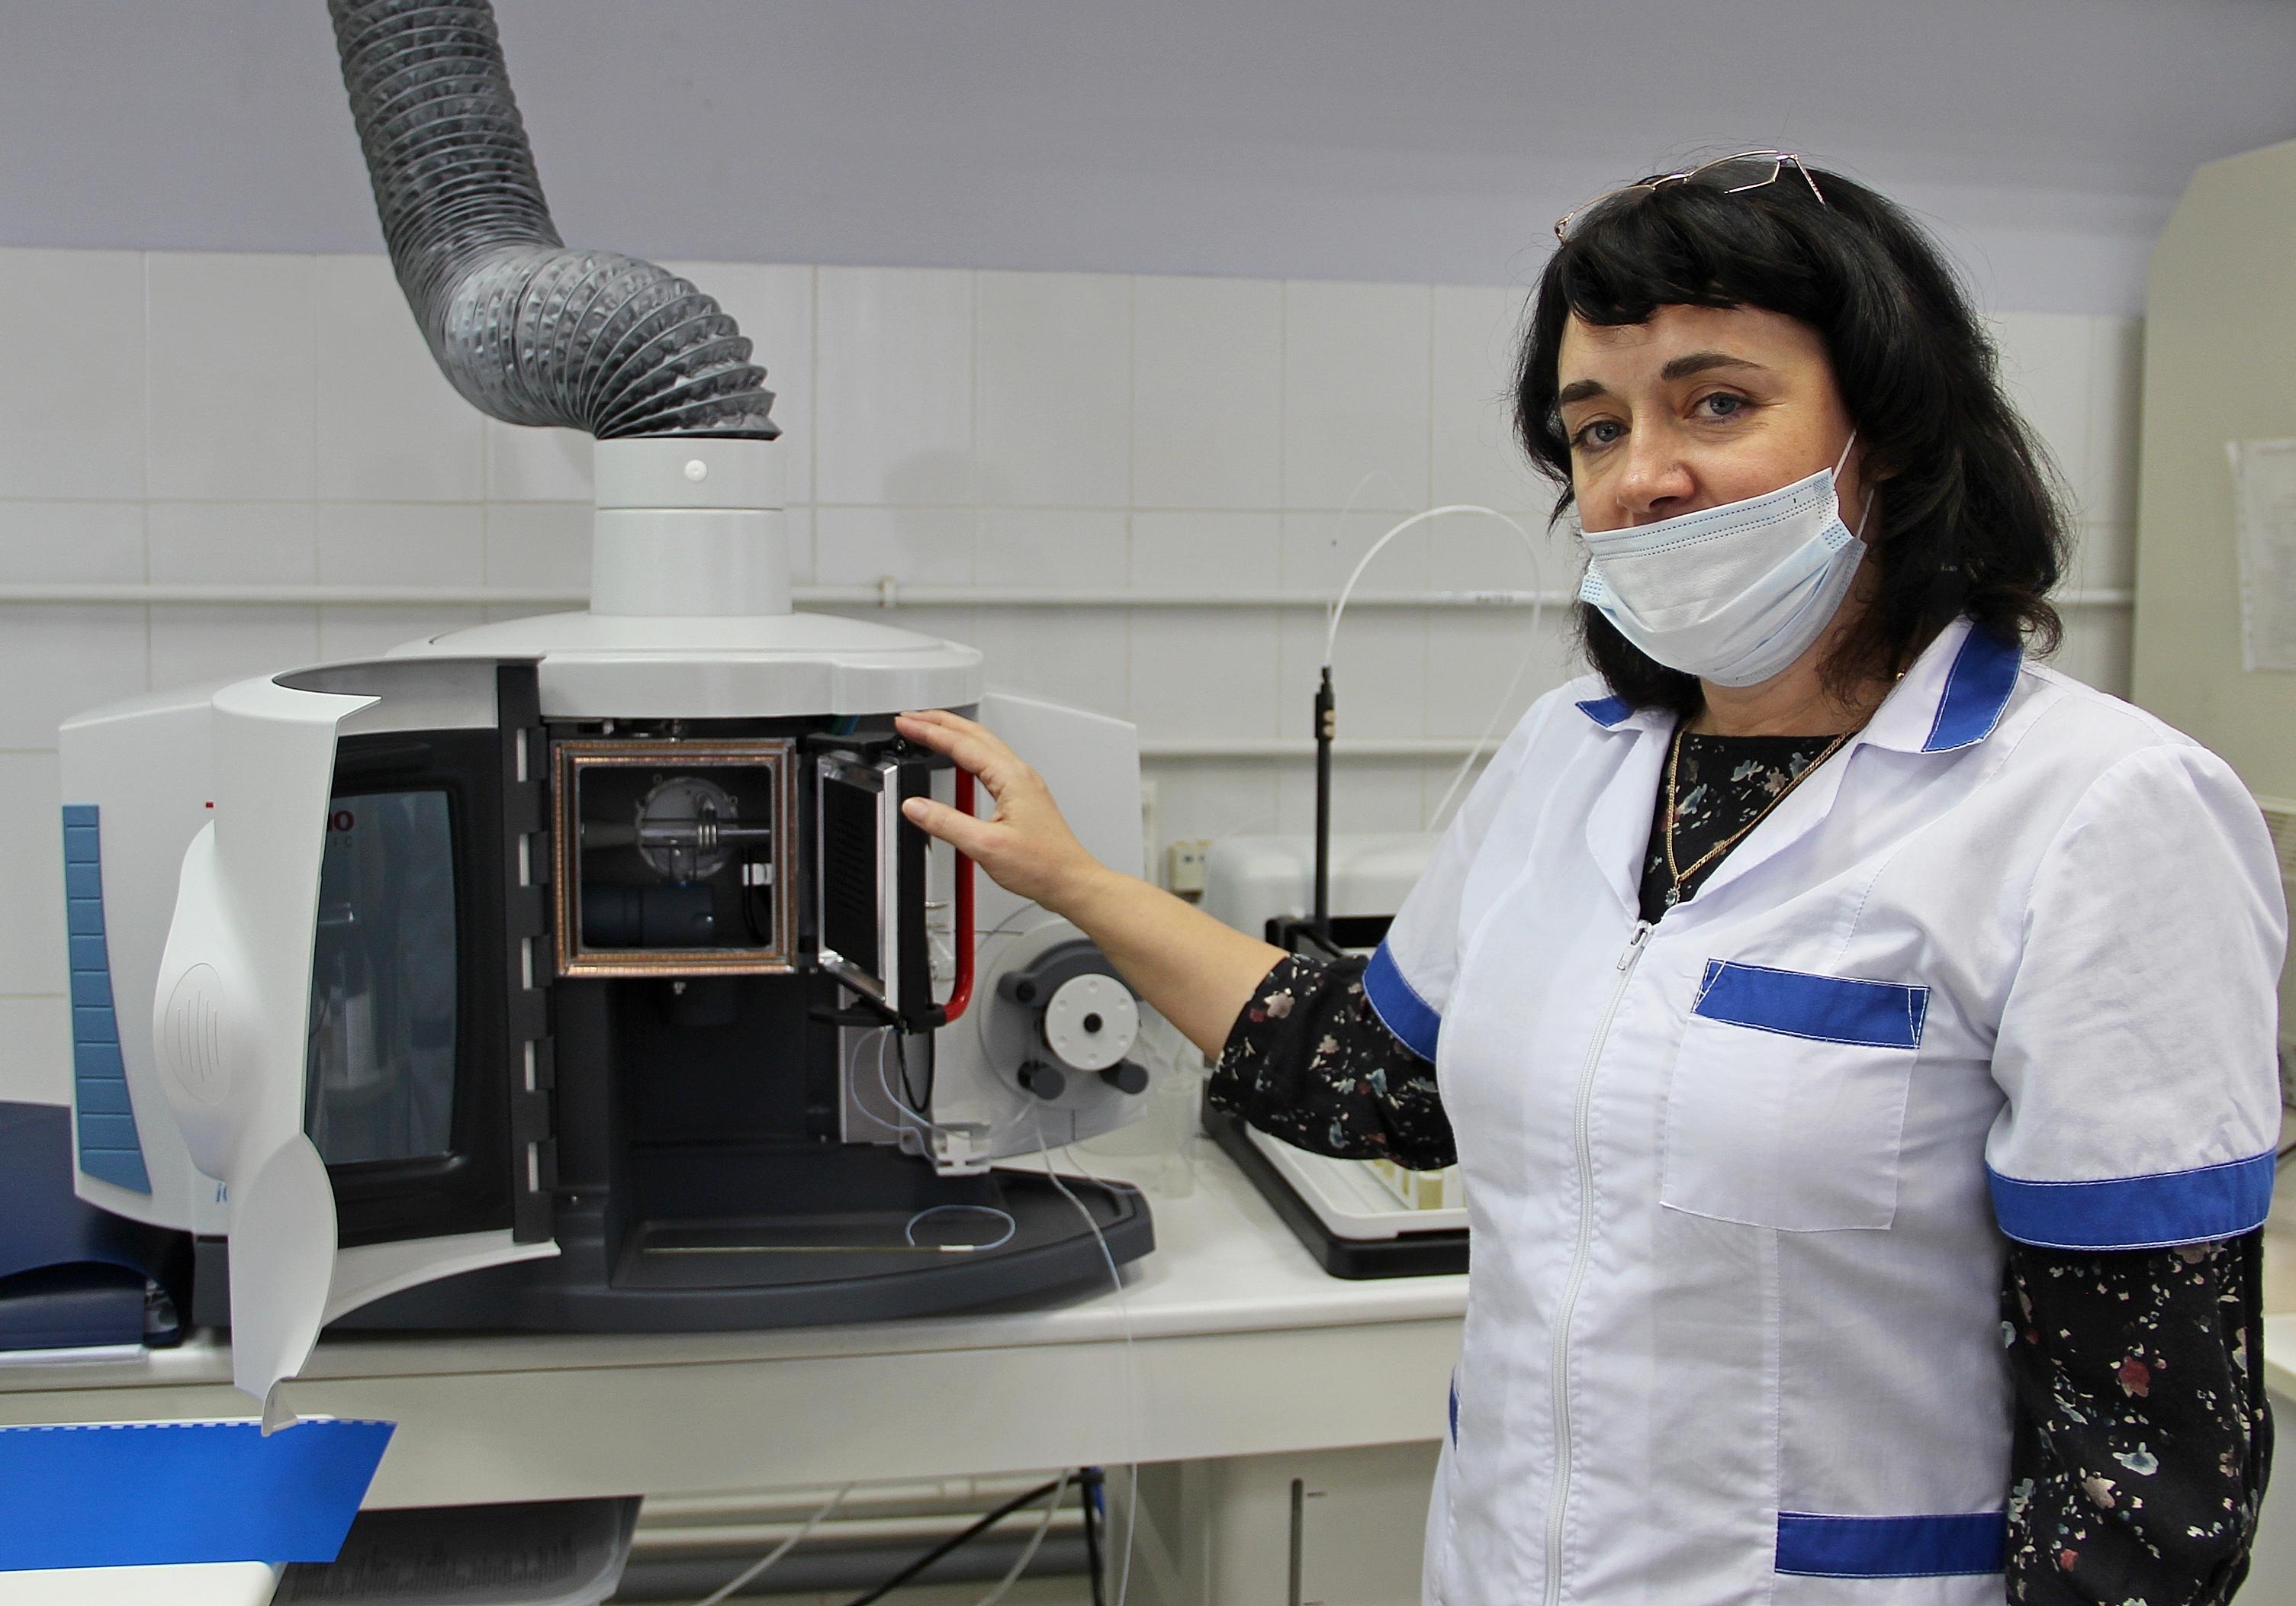 Сегодня на вооружение инженеров-химиков компании «КрасКом» поступил один из самых передовых приборов для выполнения элементного анализа воды — спектрометр ICAP 7200 Duo, который исследует воду одновременно по 26 различным микроэлементам, вычисляя их содержание до 0,000001 мг/дм3.